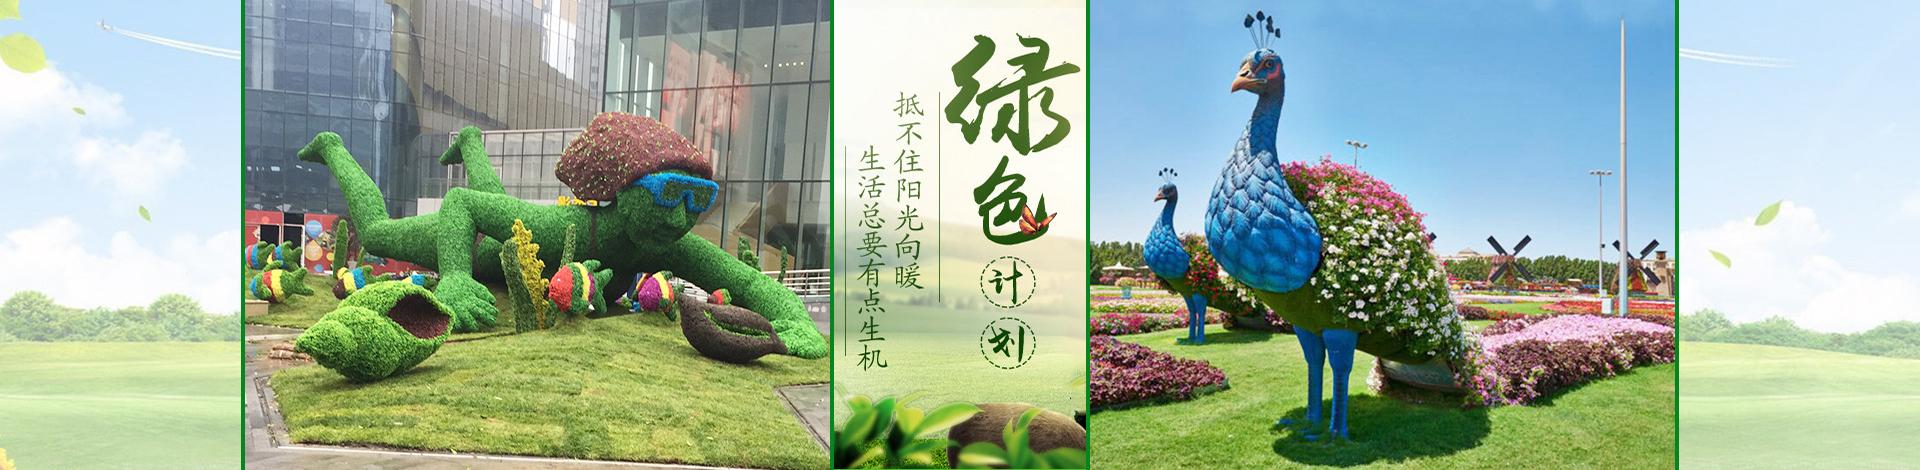 江苏诺美景观工程有限公司